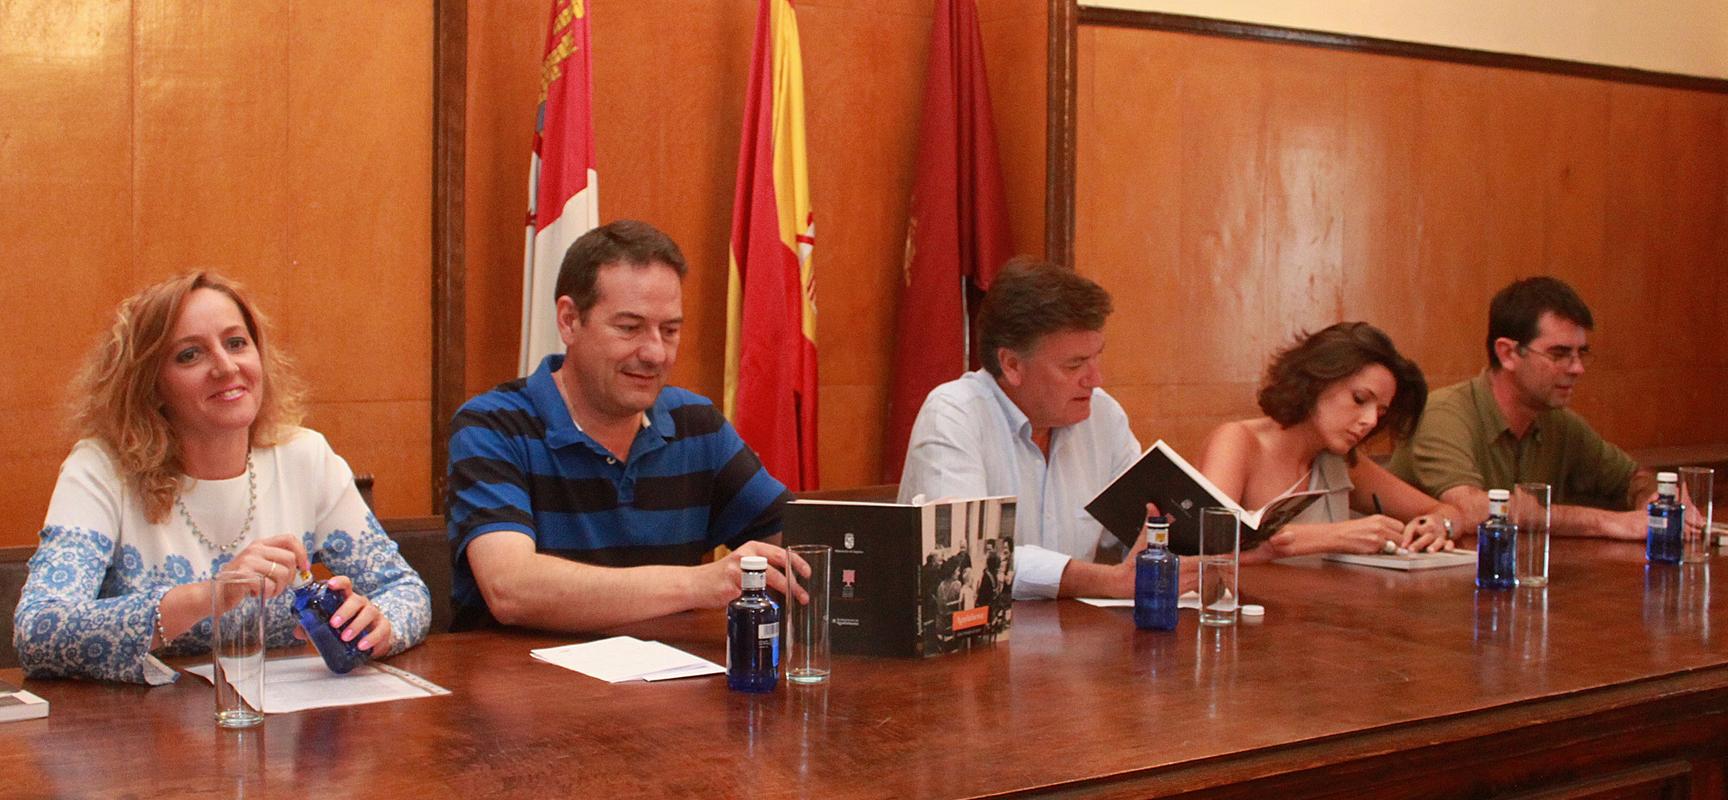 Raquel Alonso, Jesús Ballesteros, Francisco Vázquez, Sara Dueñas y Luis Besa durante la presentación. |Fermín